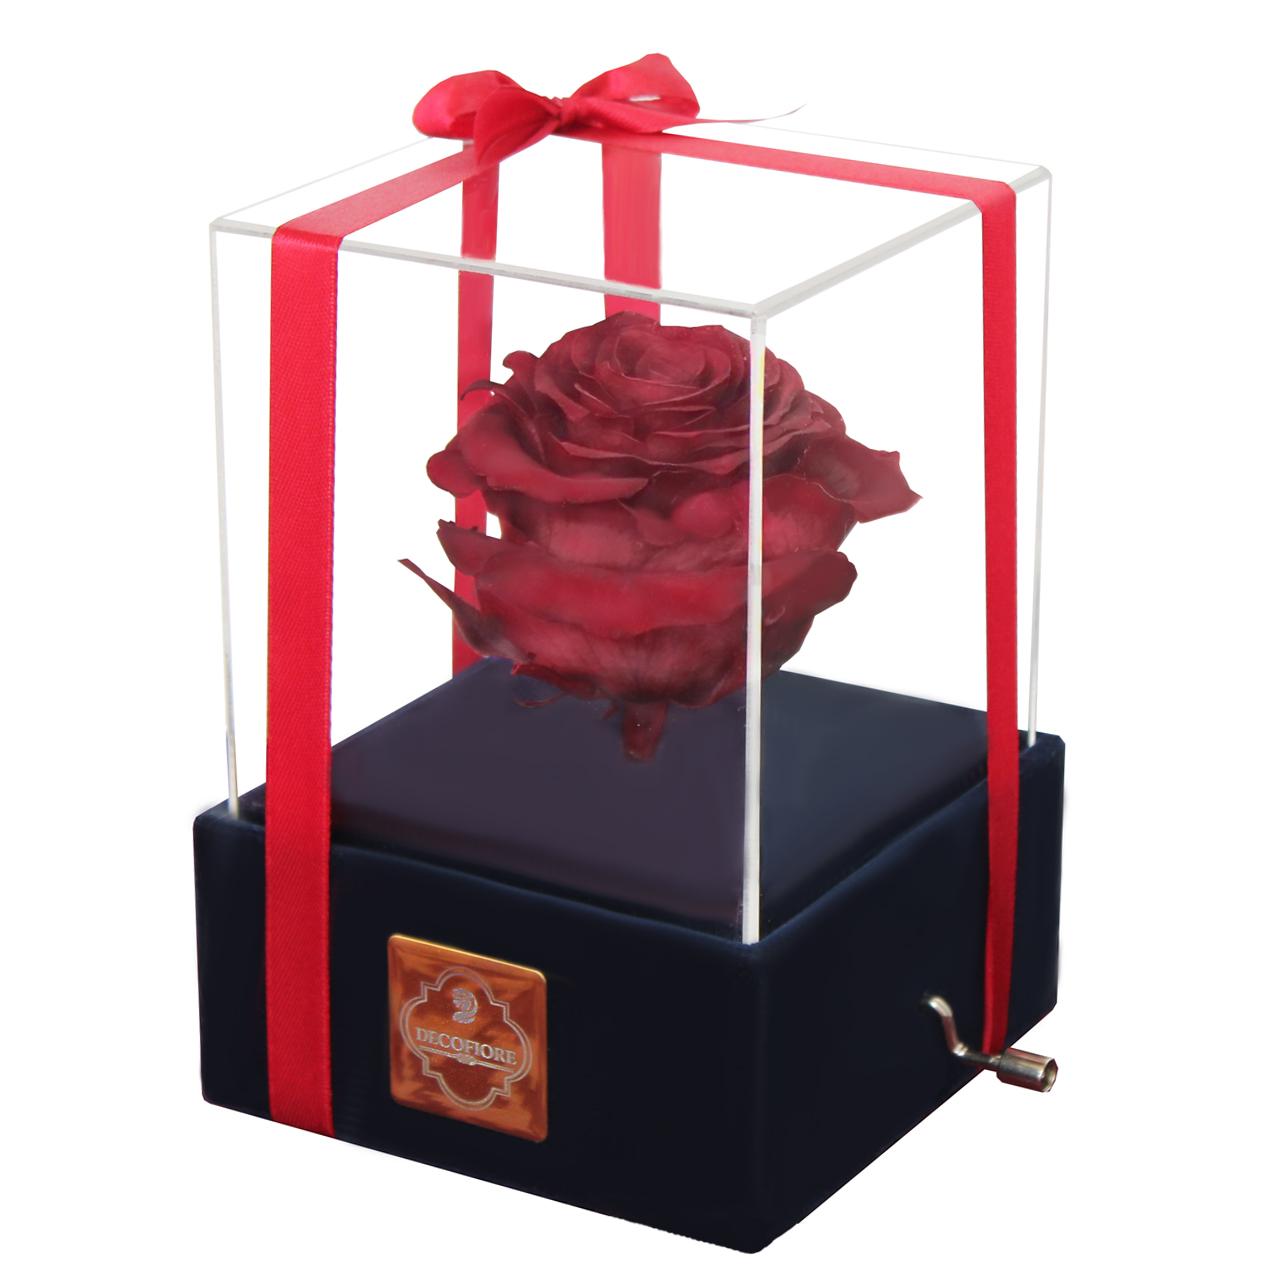 جعبه موزیکال گل ماندگار دکوفیوره مدل رز جاودان ملودی Happy birthday - به همراه پاکت مخصوص